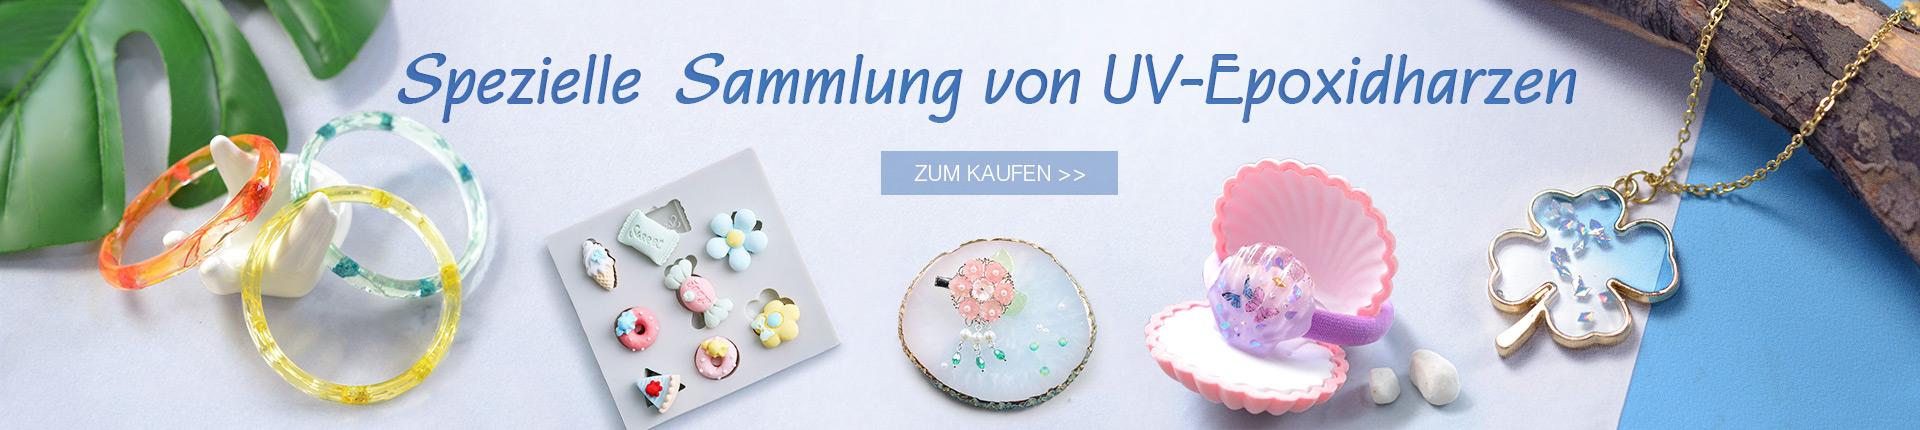 Spezielle Sammlung von UV-Epoxidharzen